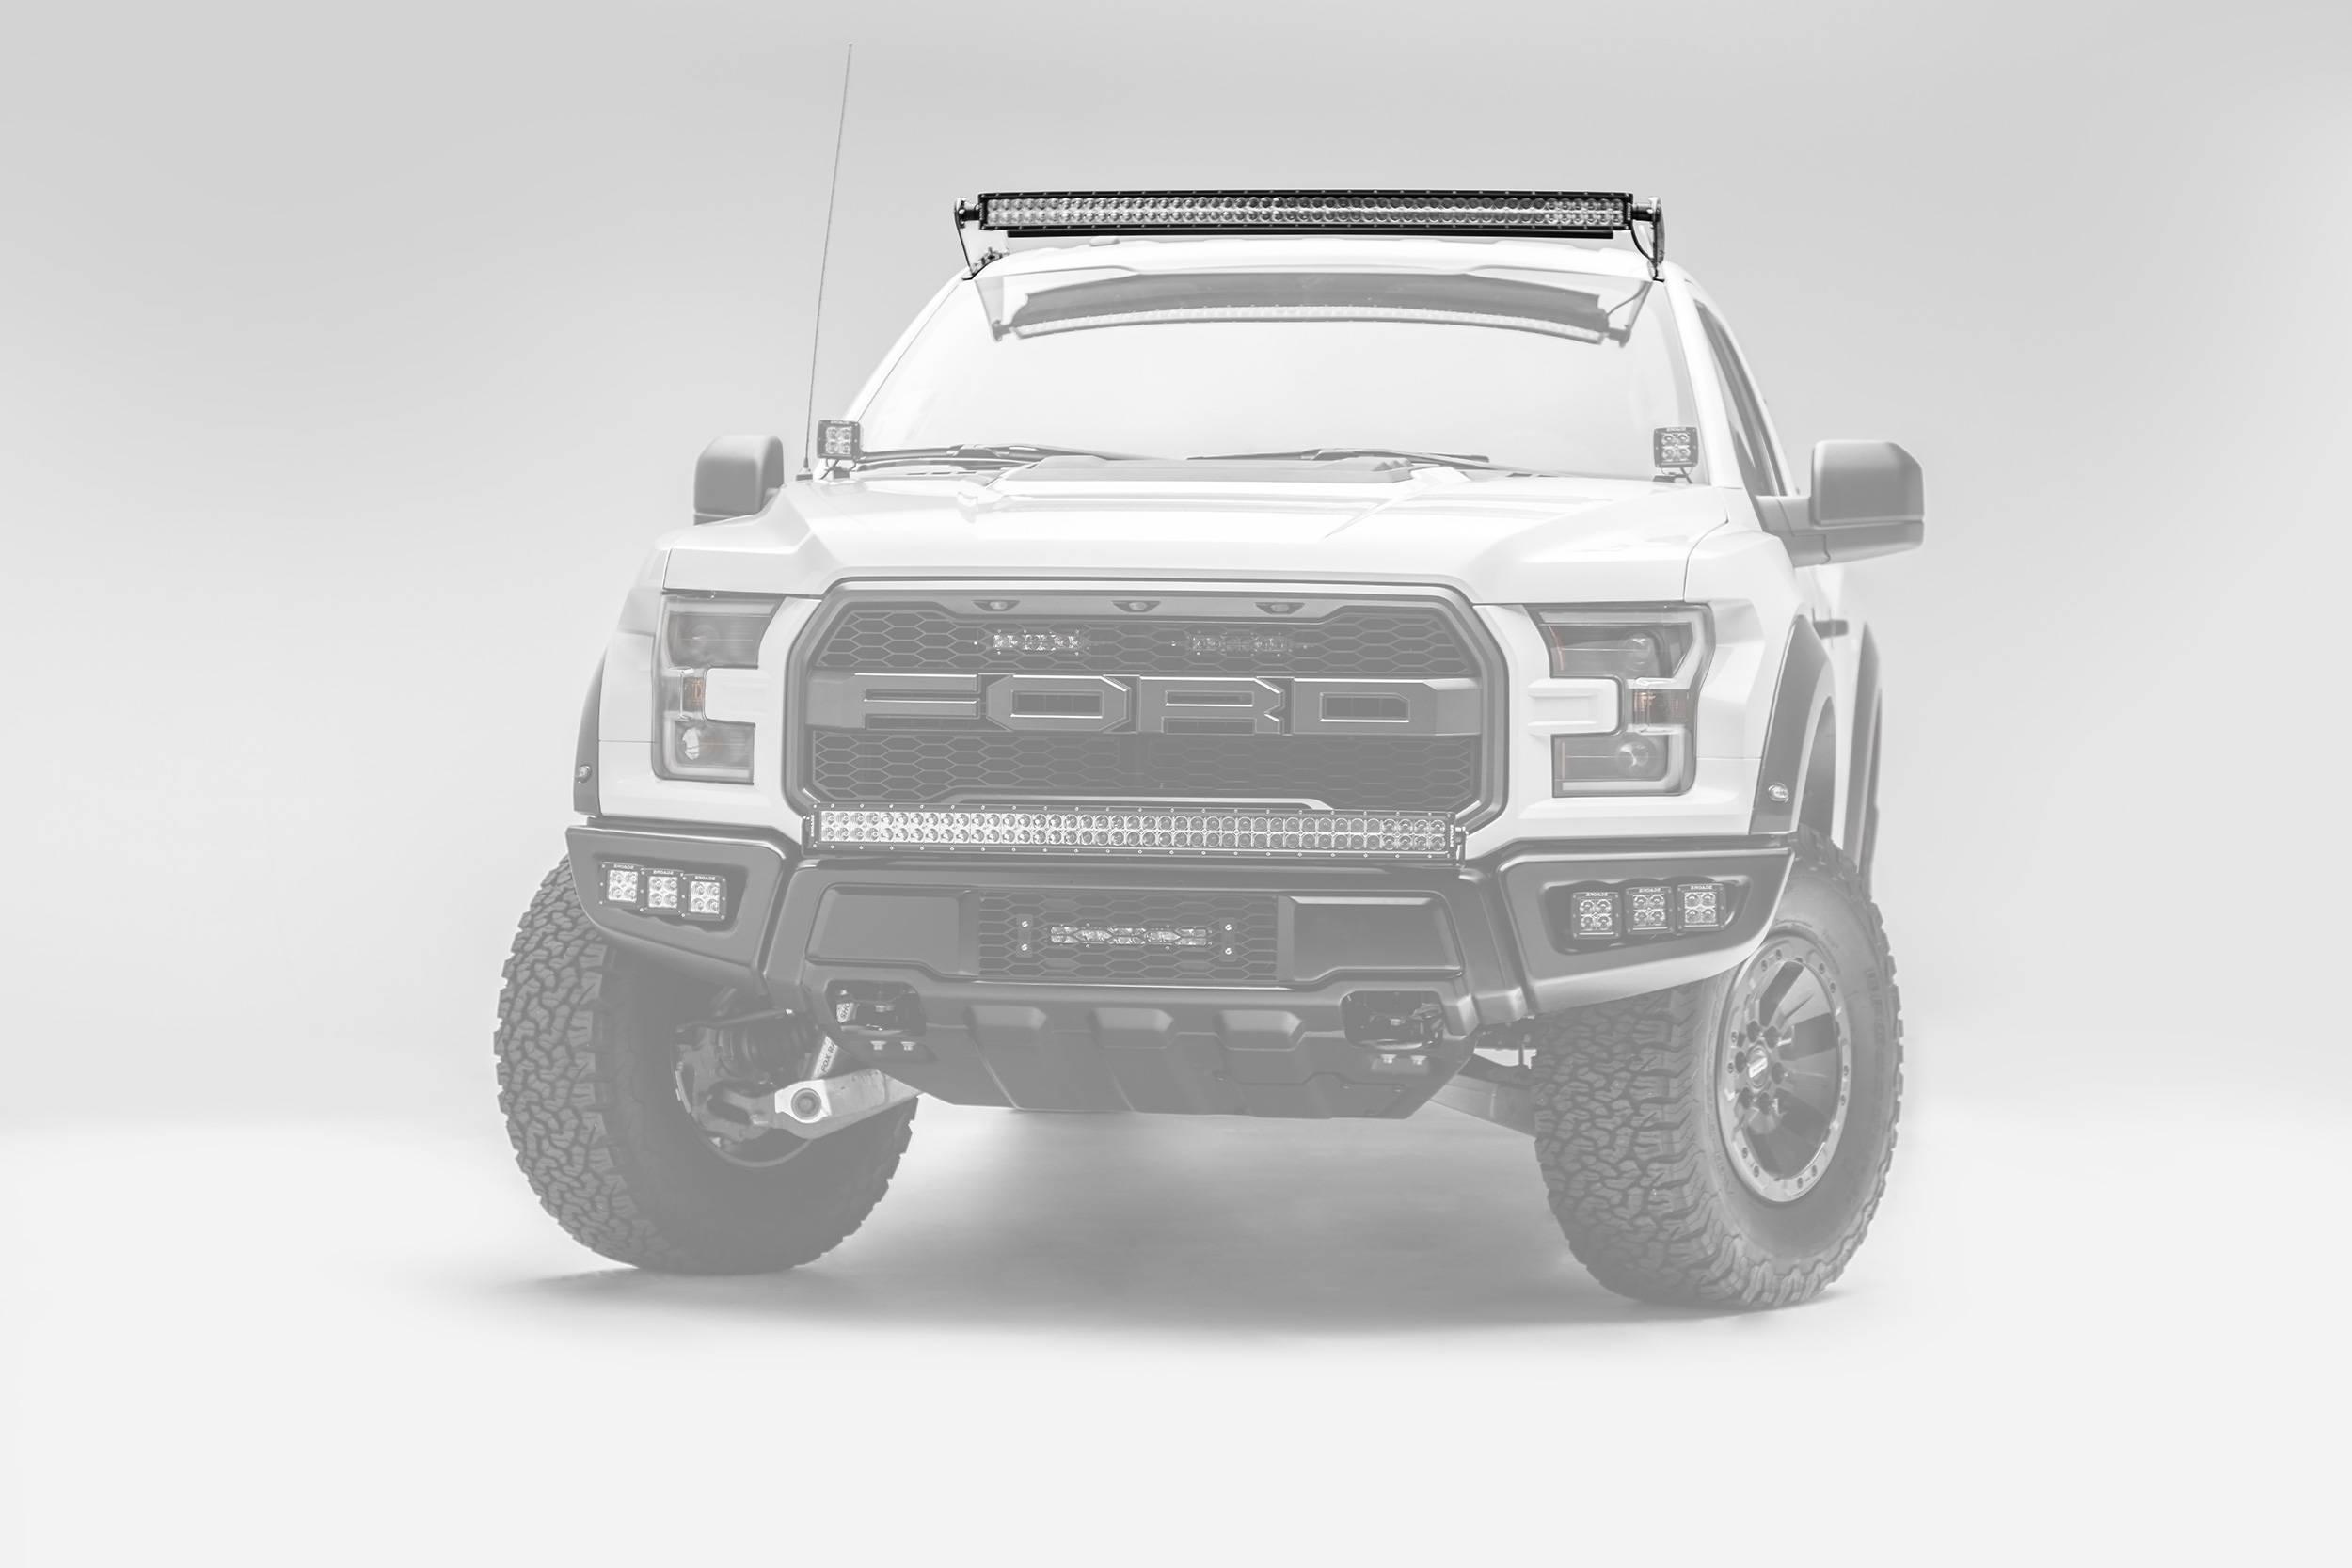 2015-2019 Ford F-150, Raptor Front Roof LED Bracket to mount (1) 52 Inch Curved LED Light Bar - PN #Z335662